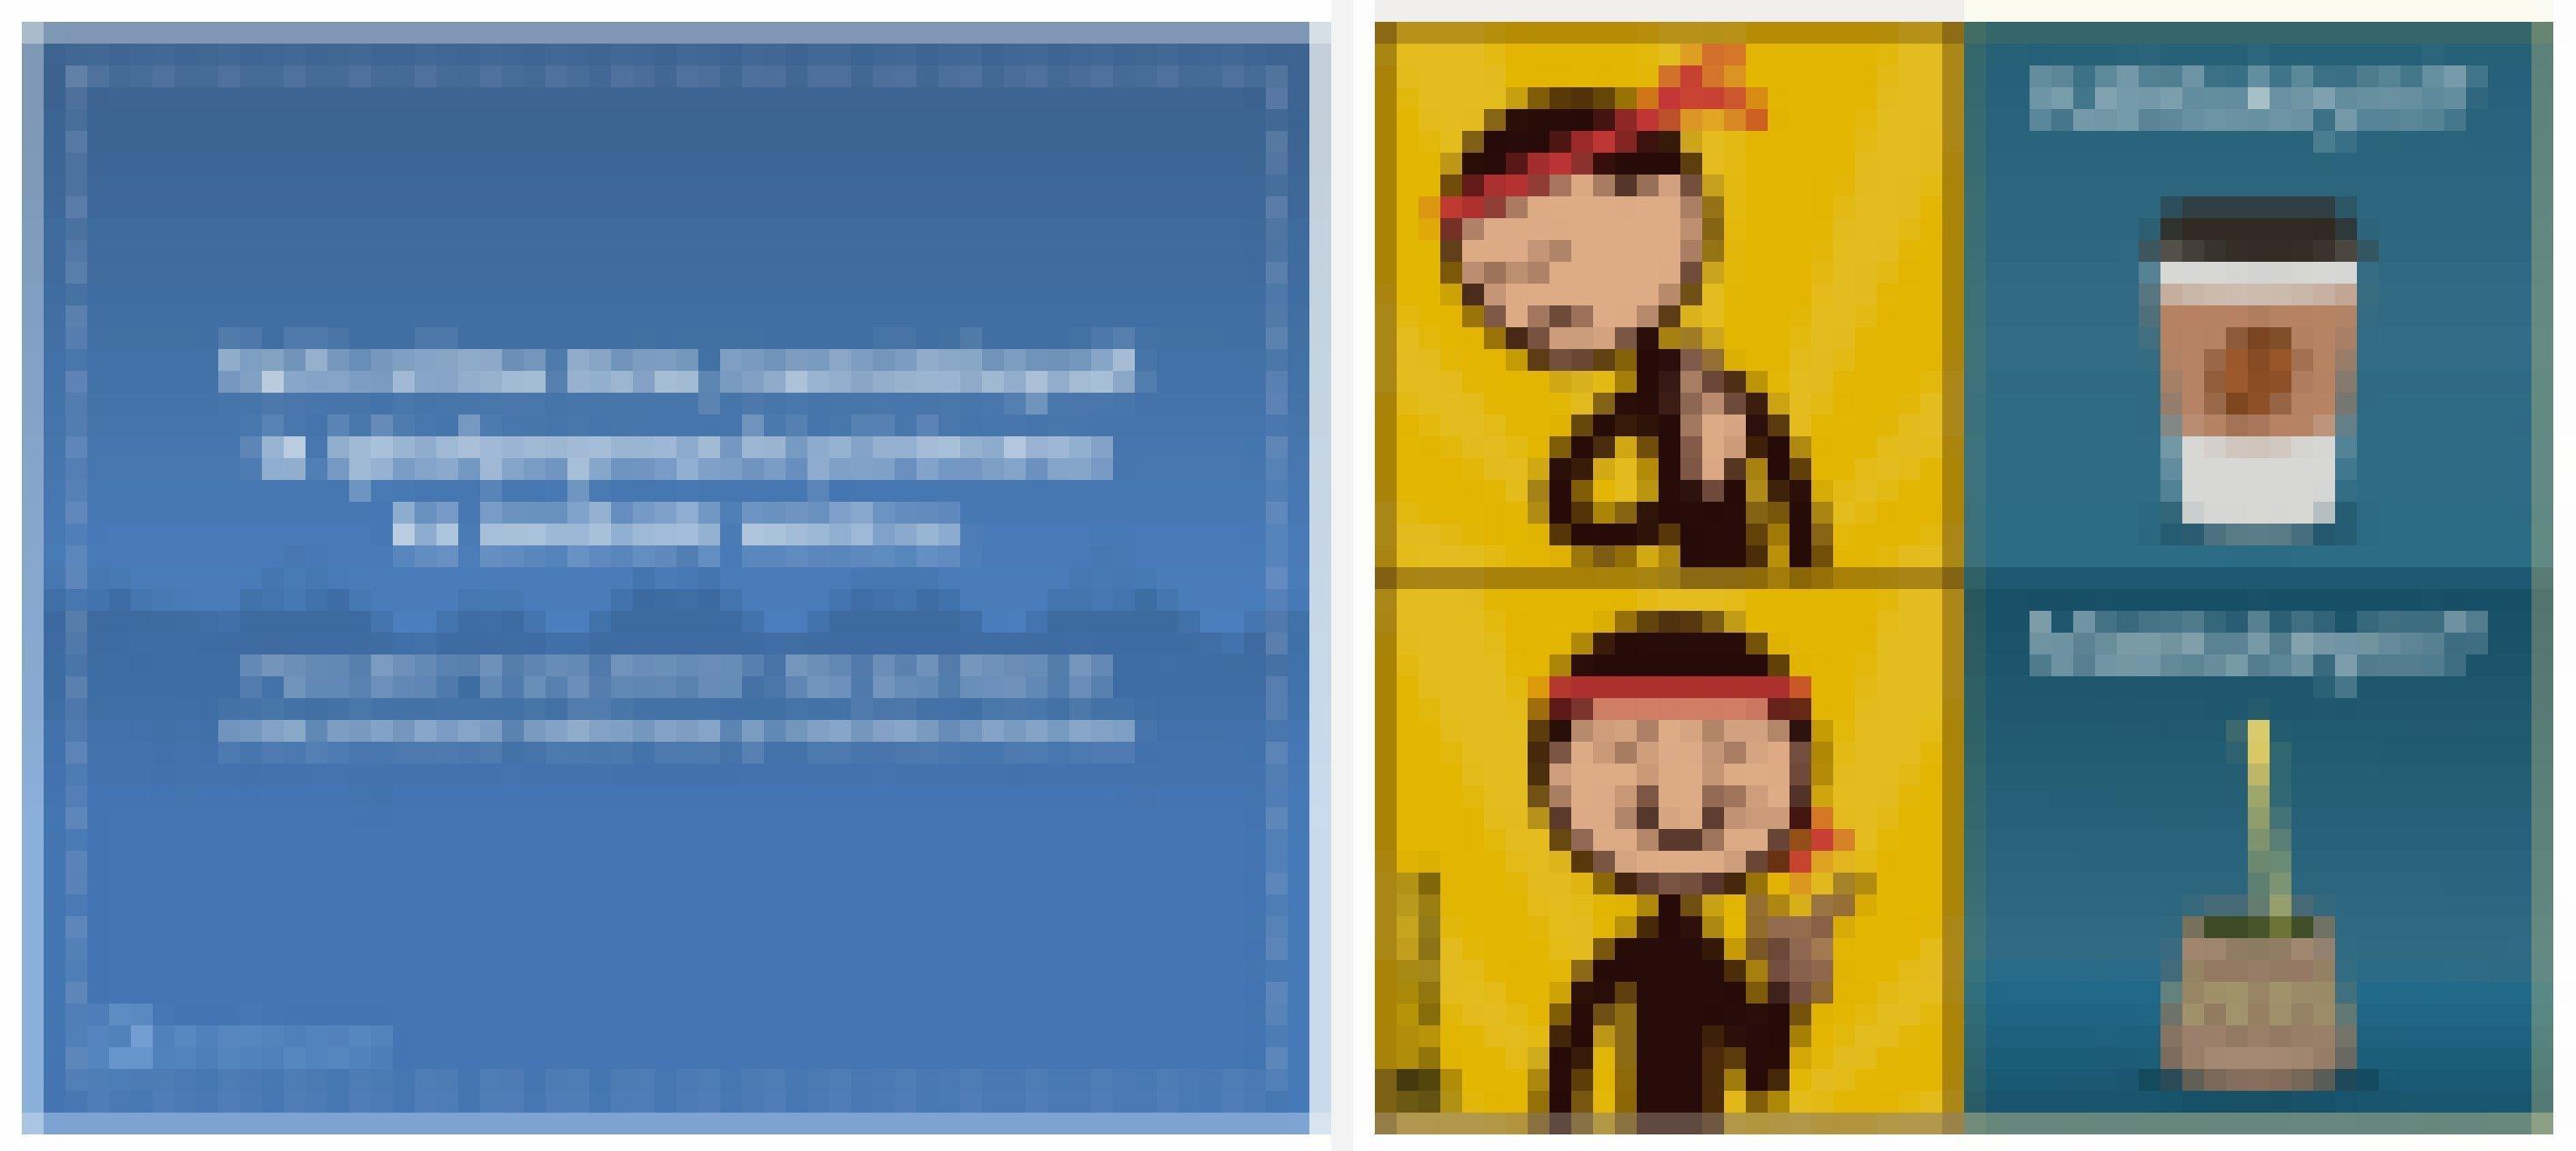 Zwei Bildchen der Internetplattform Kimeltuwe. Eines spielt auf die feministische Bewegung in Chile an und das andere zeigt die Mapuche als Mate-Tee-Trinker.